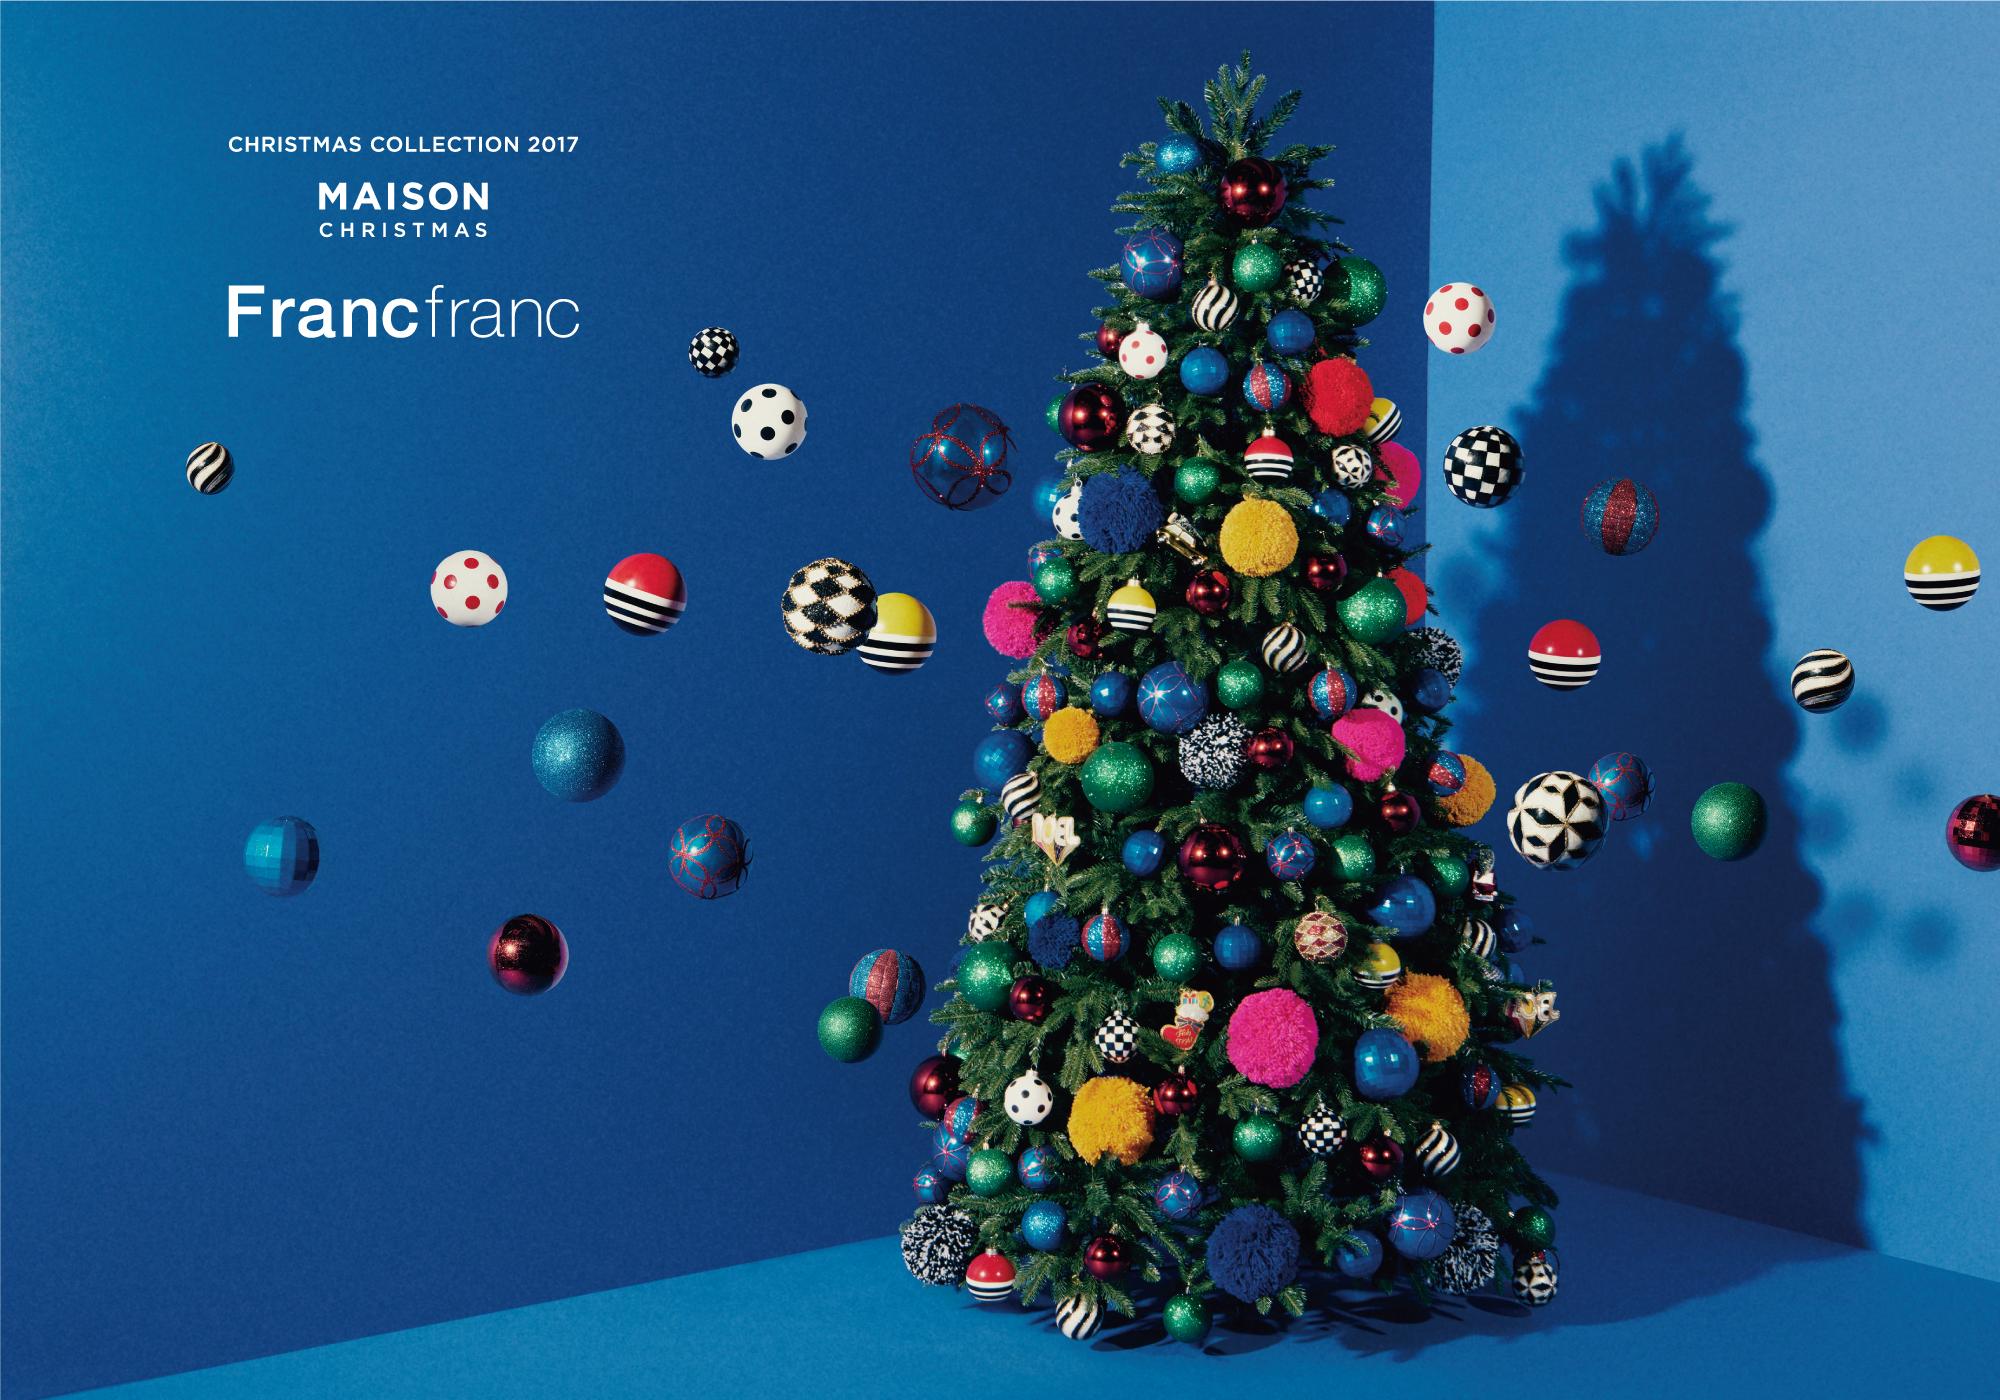 今年のクリスマスは『Franc franc』のChristmas Collectionで飾っちゃおう🎅🎄